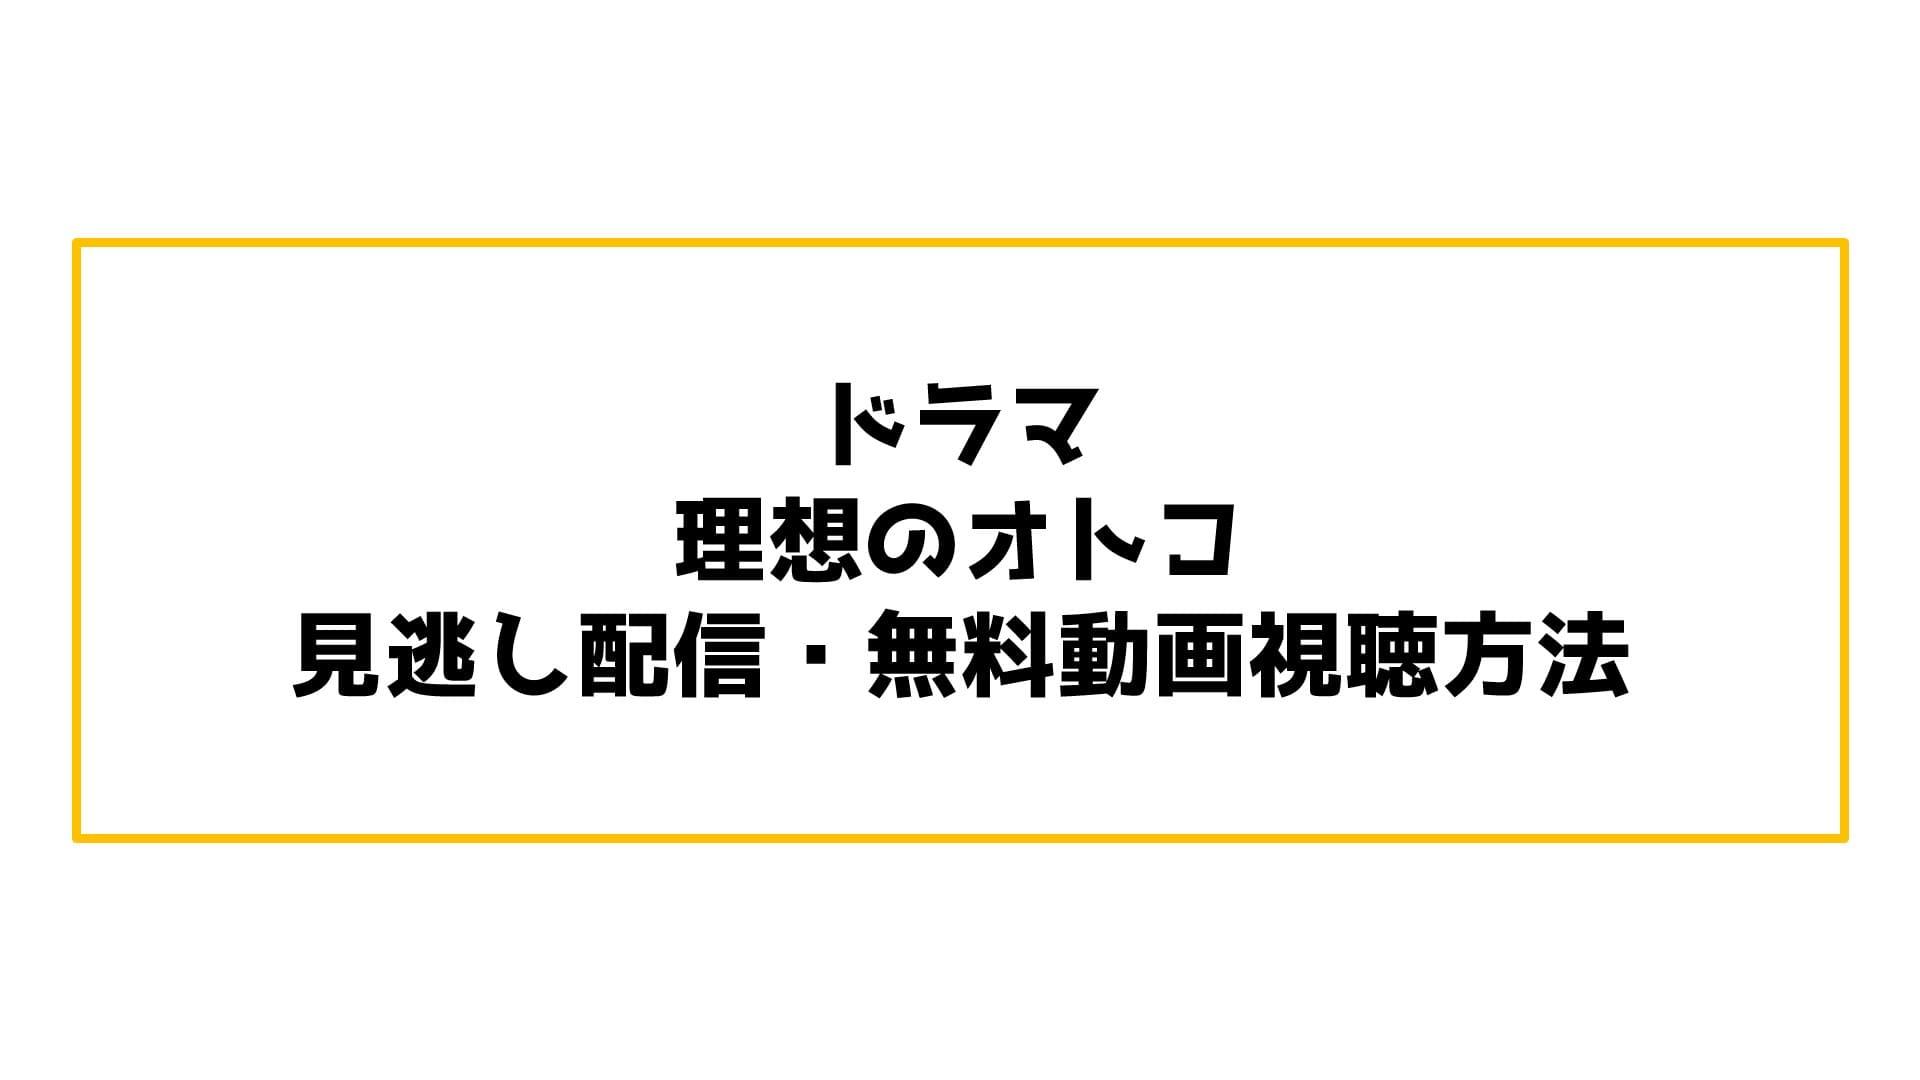 ドラマ 理想のオトコ 見逃し配信・無料動画視聴方法